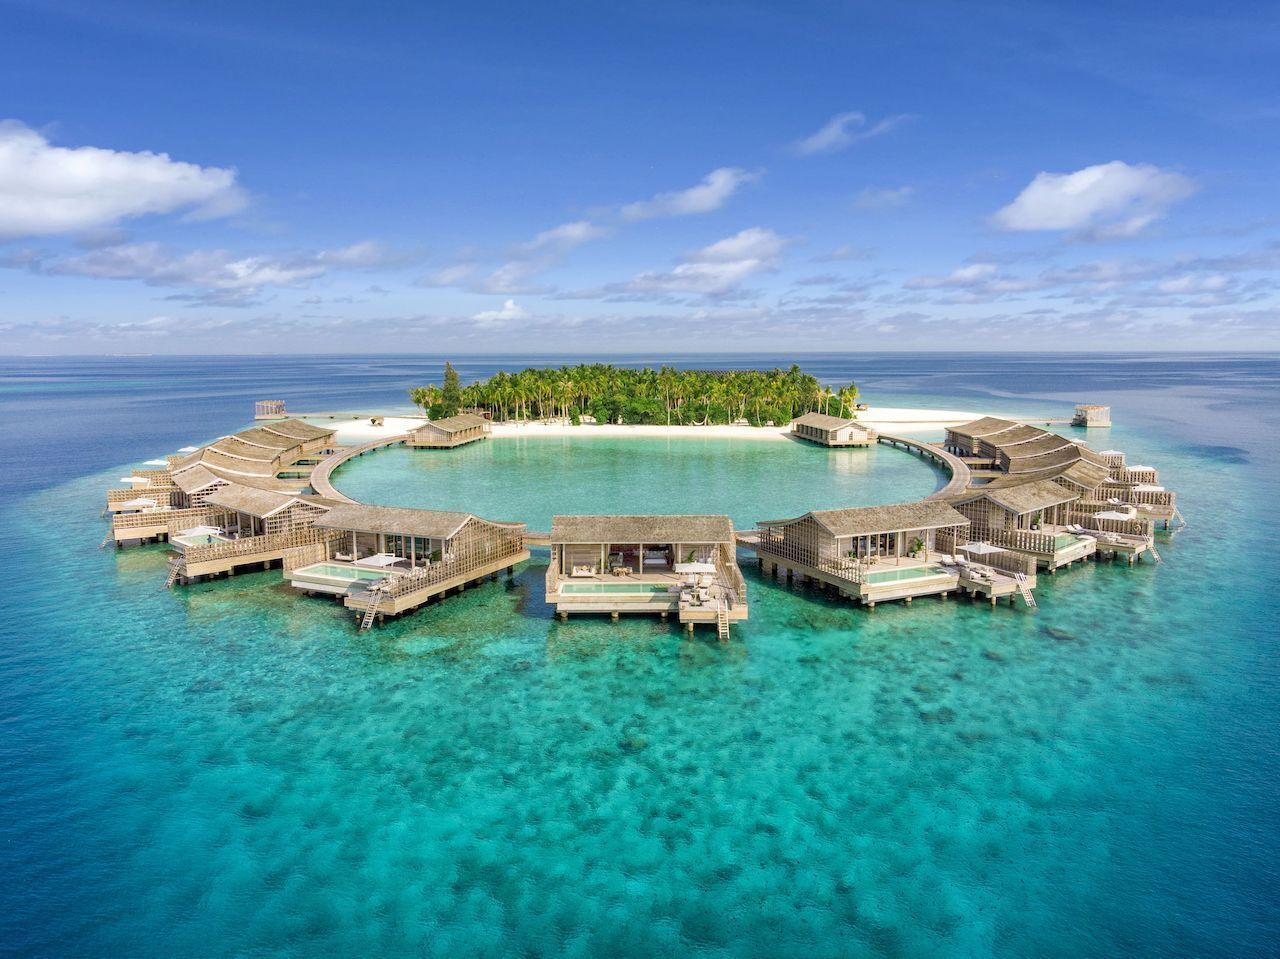 Kudadoo Maldives Private Island Resort, Maldives resorts